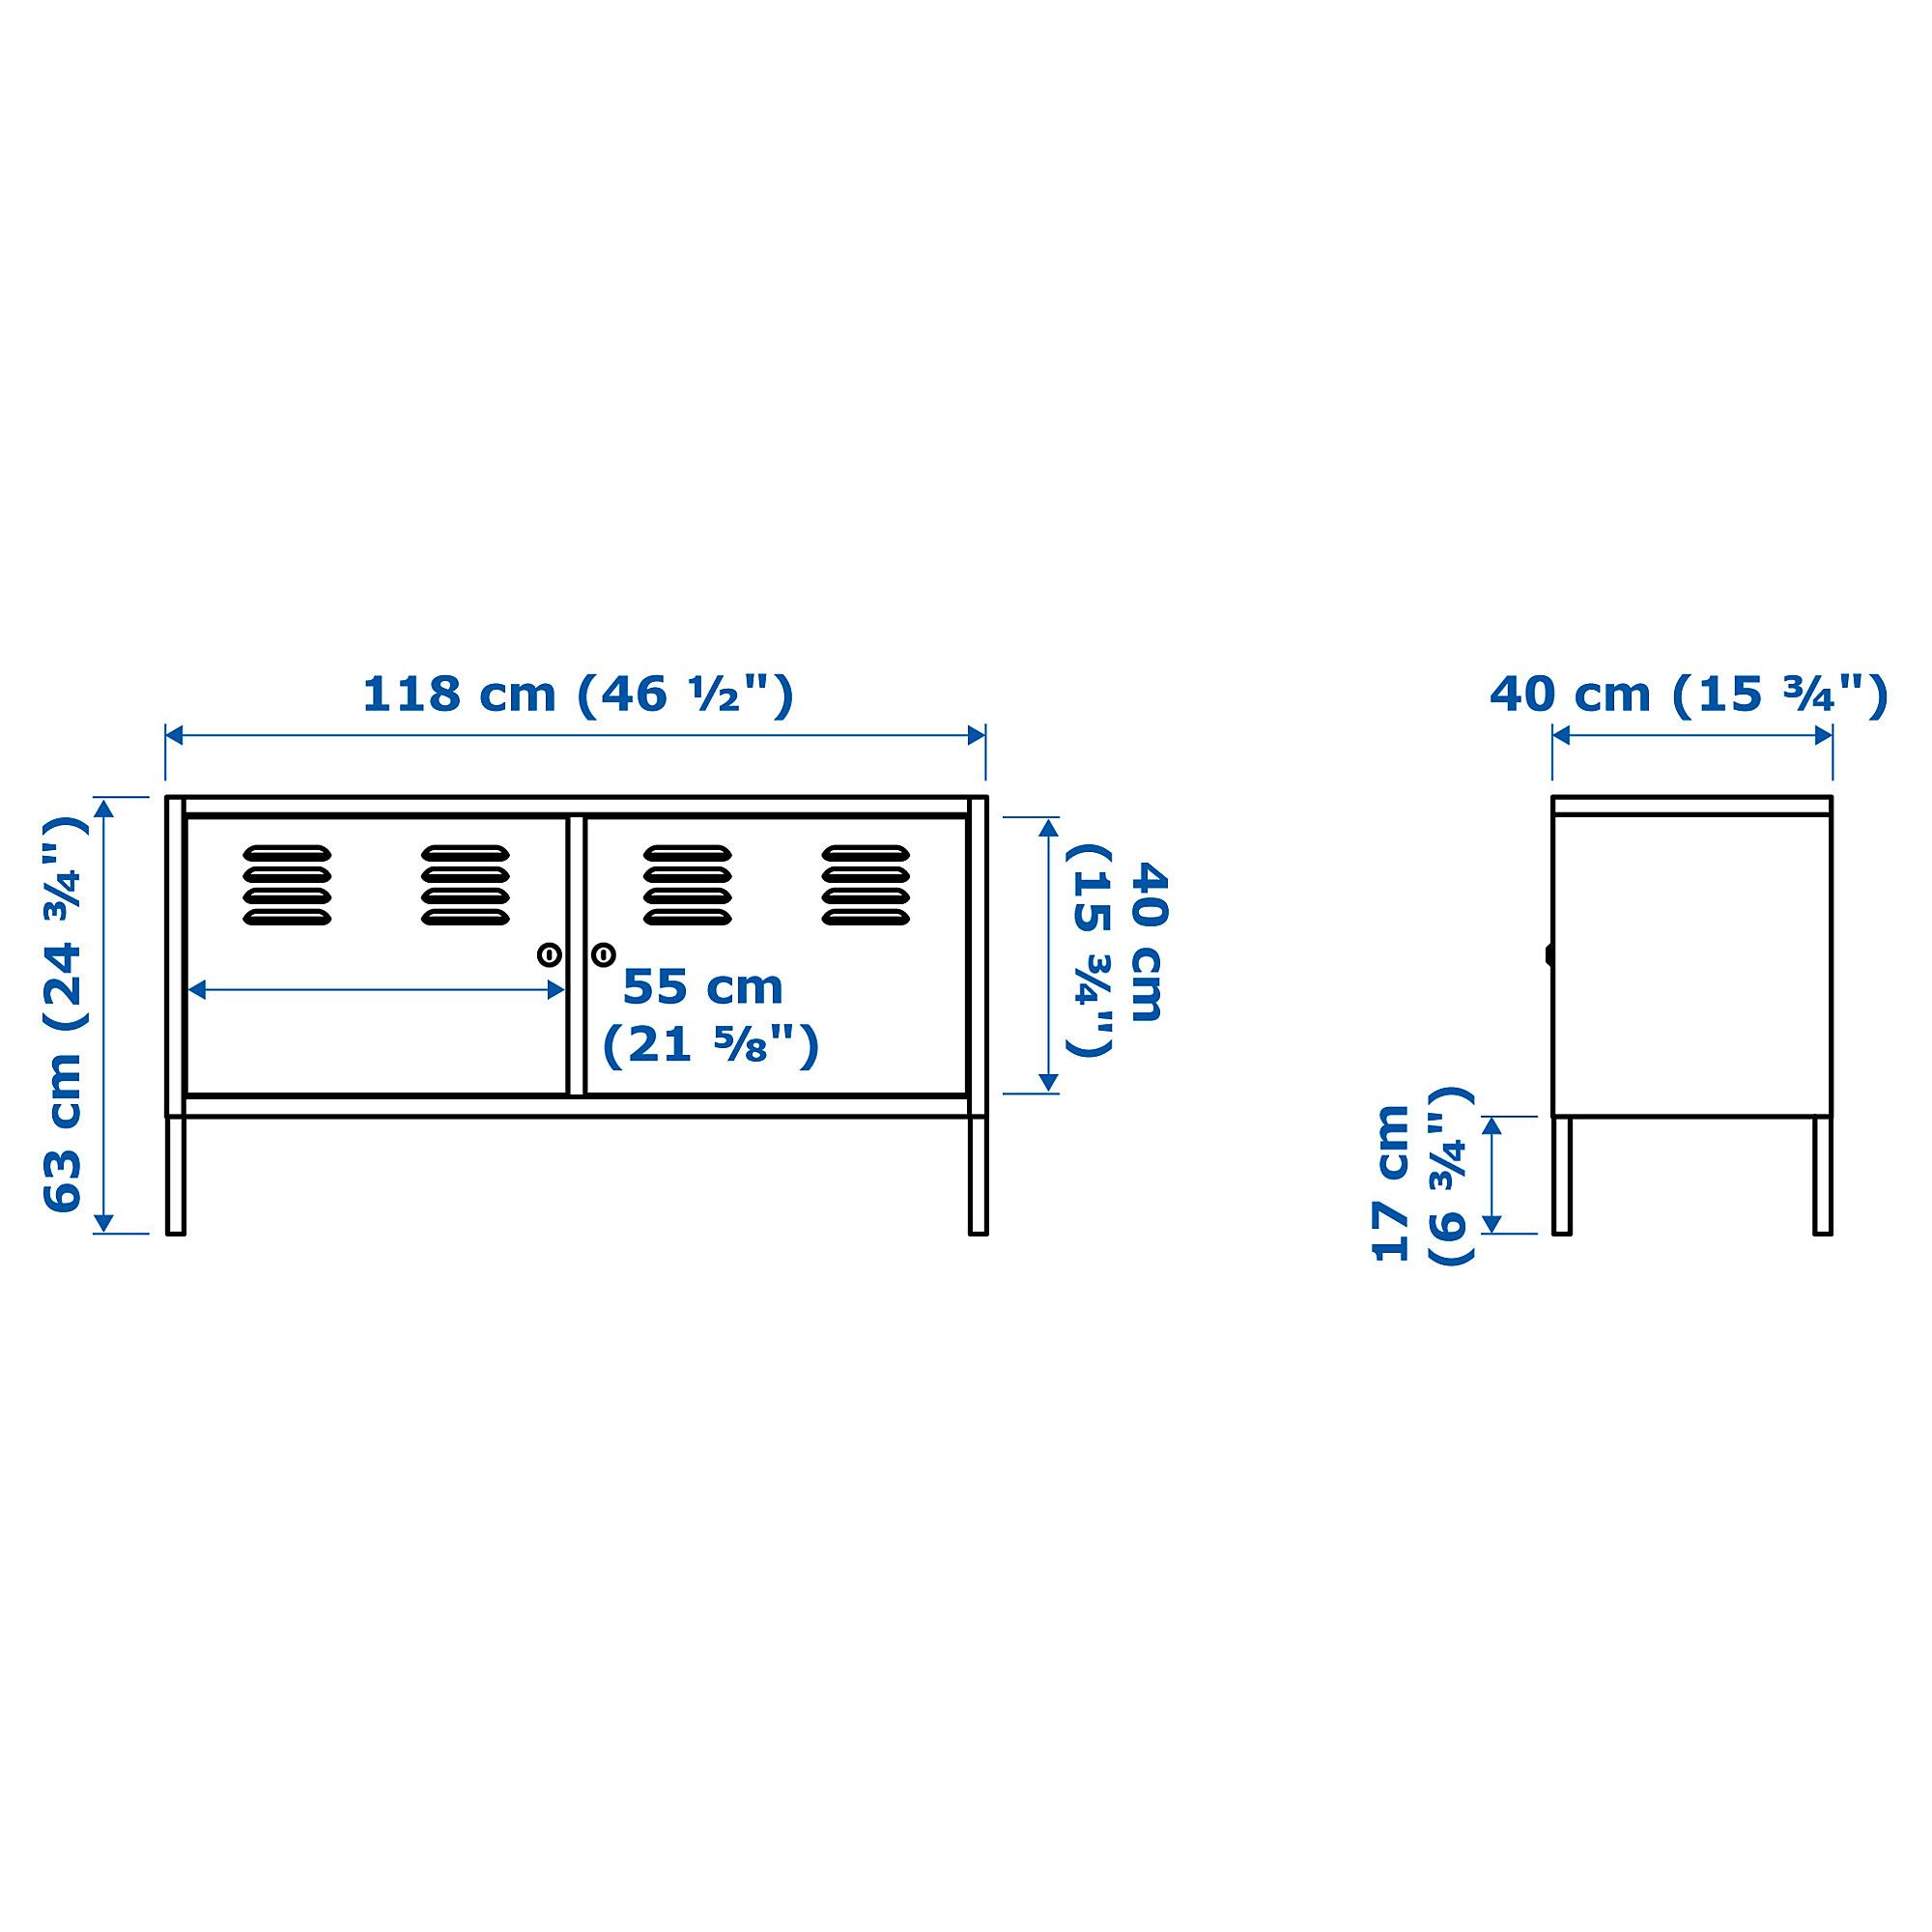 Шкаф ИКЕА ПС красный артикуль № 203.842.76 в наличии. Online сайт IKEA Беларусь. Недорогая доставка и монтаж.